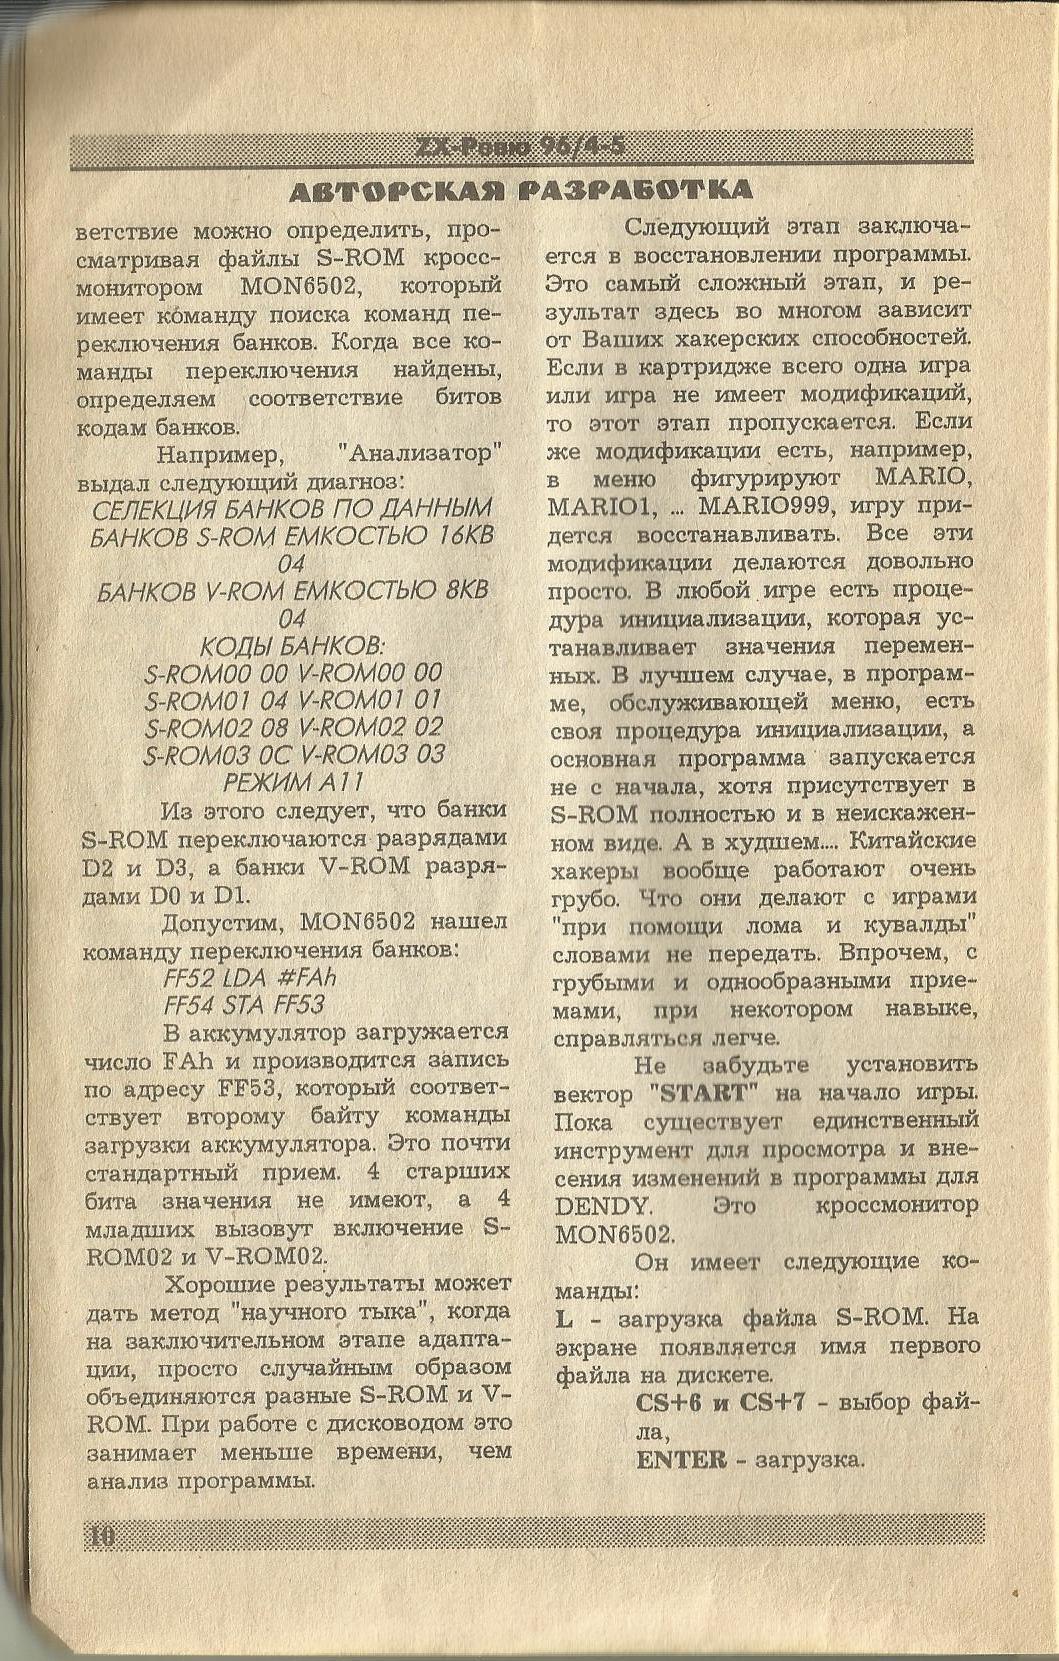 10 стр ZX Ревю № 4_5_1996.jpg